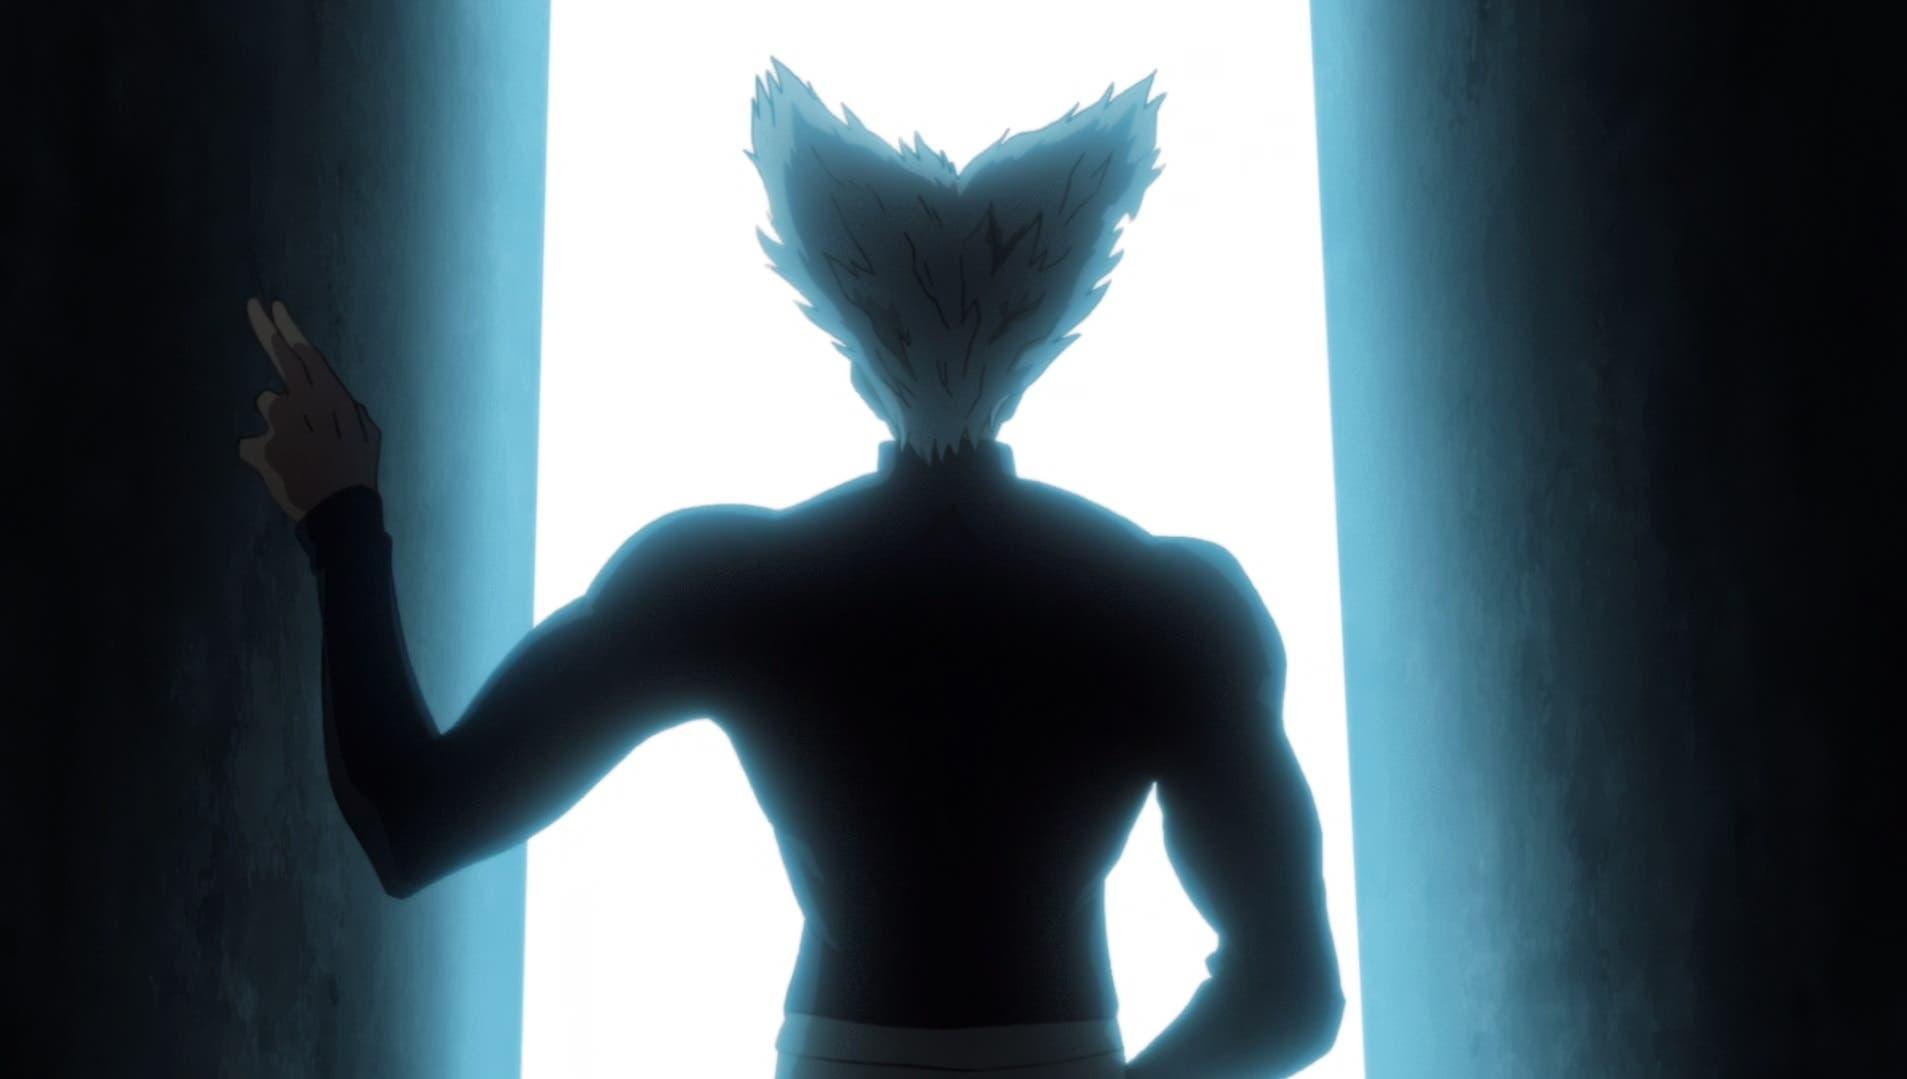 Imagen de Crítica del episodio 2 de One Punch Man 2: Nace 'El Monstruo'